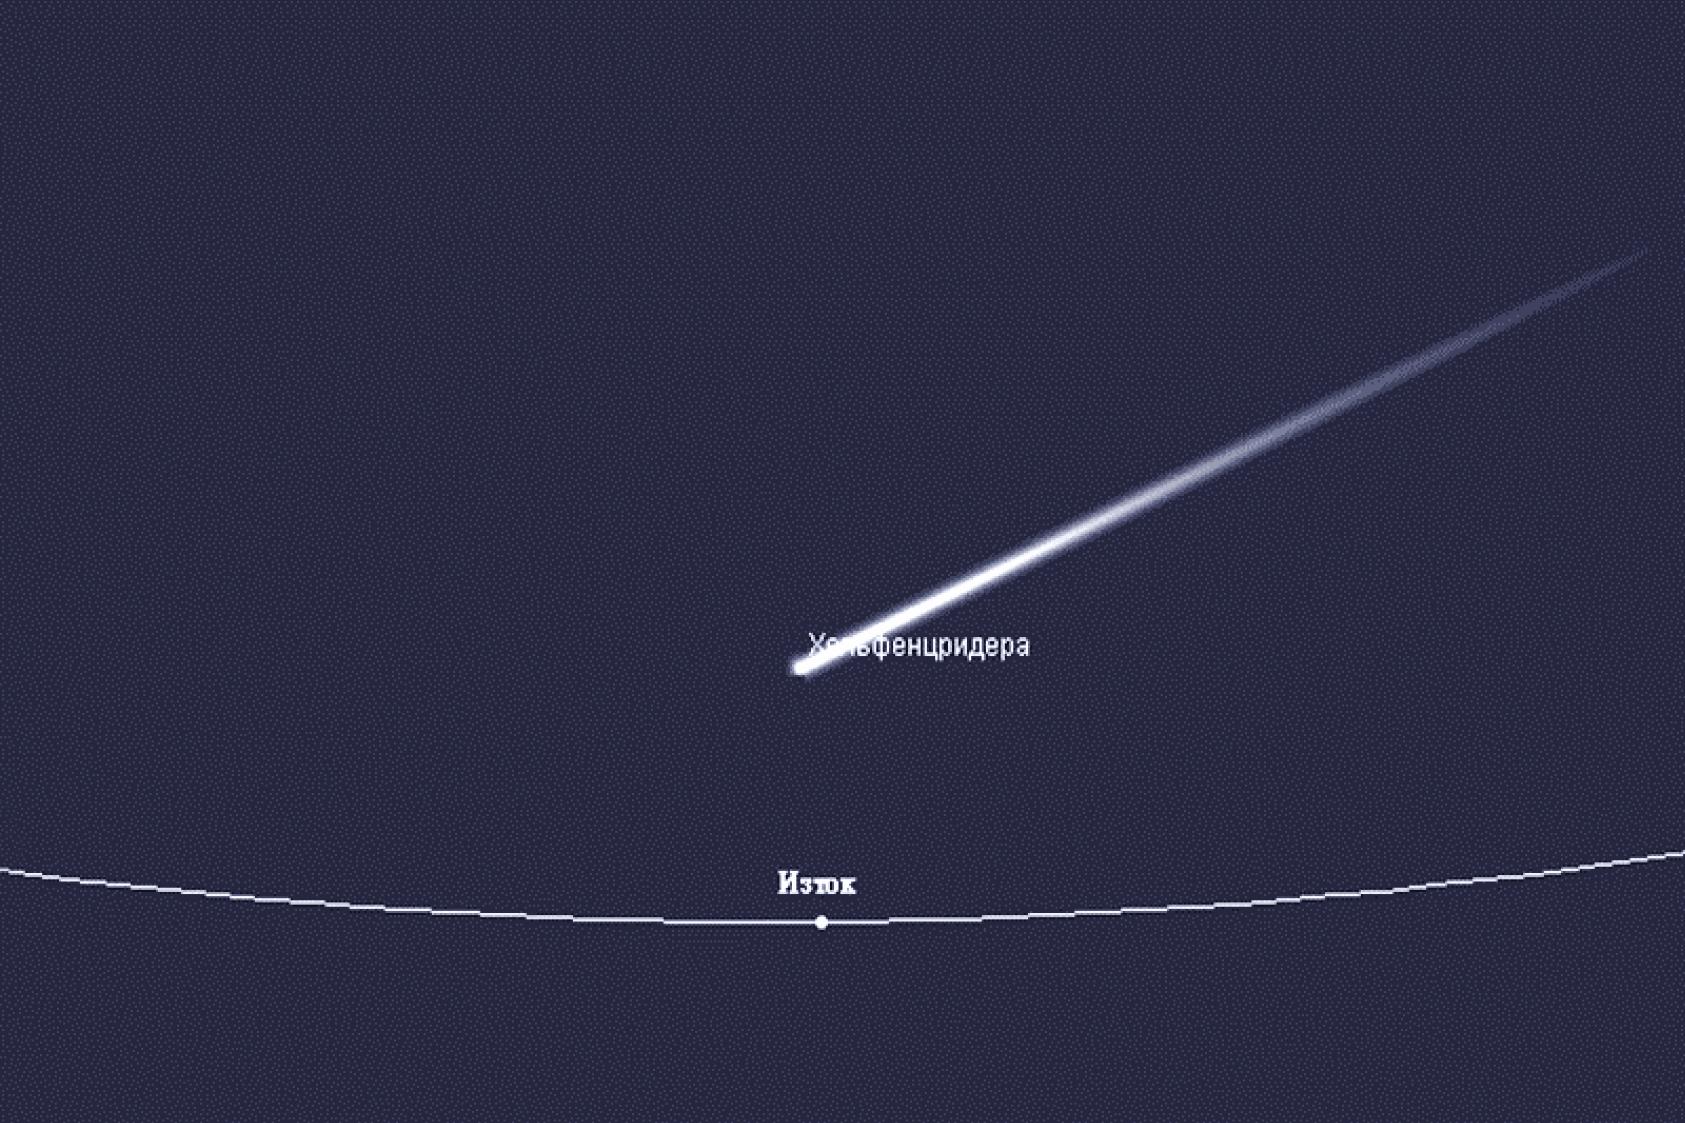 Летописите за Гайна и кометата